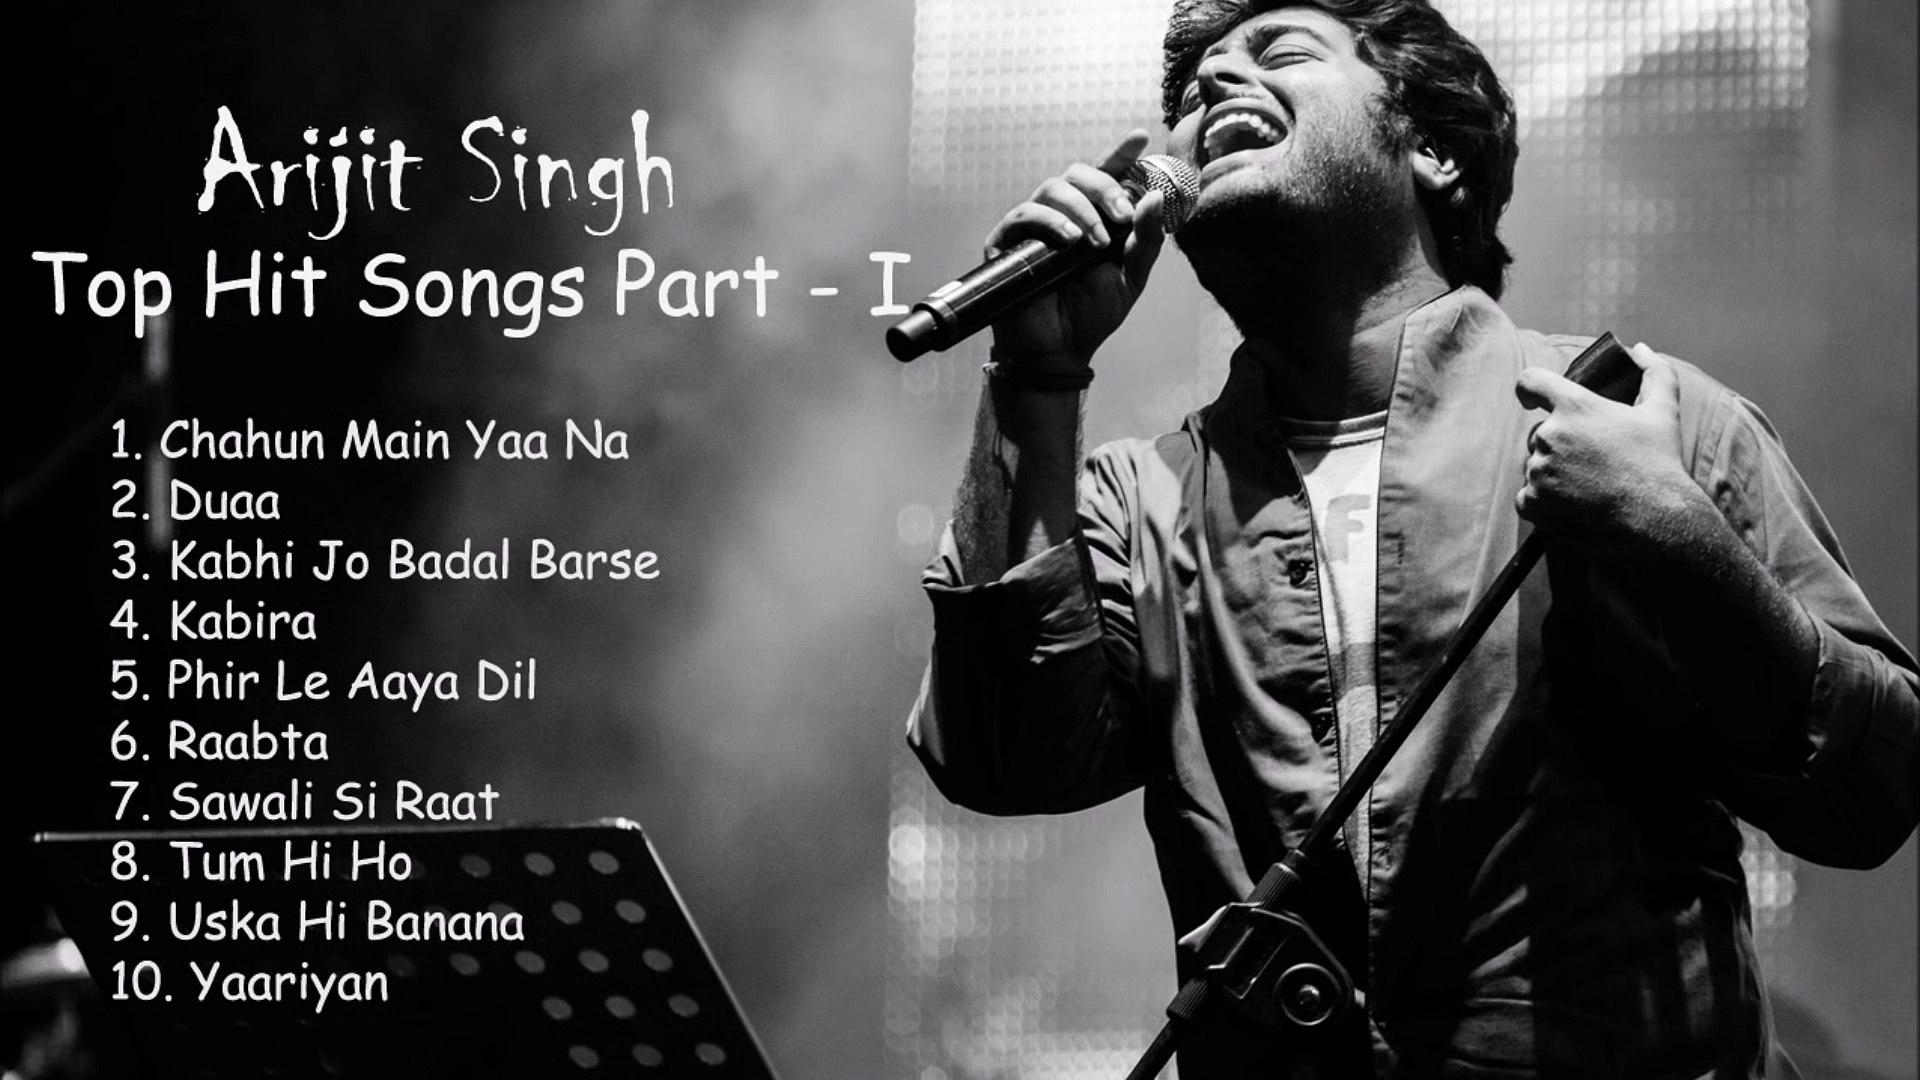 Arijit Singh Best Top Hit Songs Part - I _ Arijit Singh New Songs